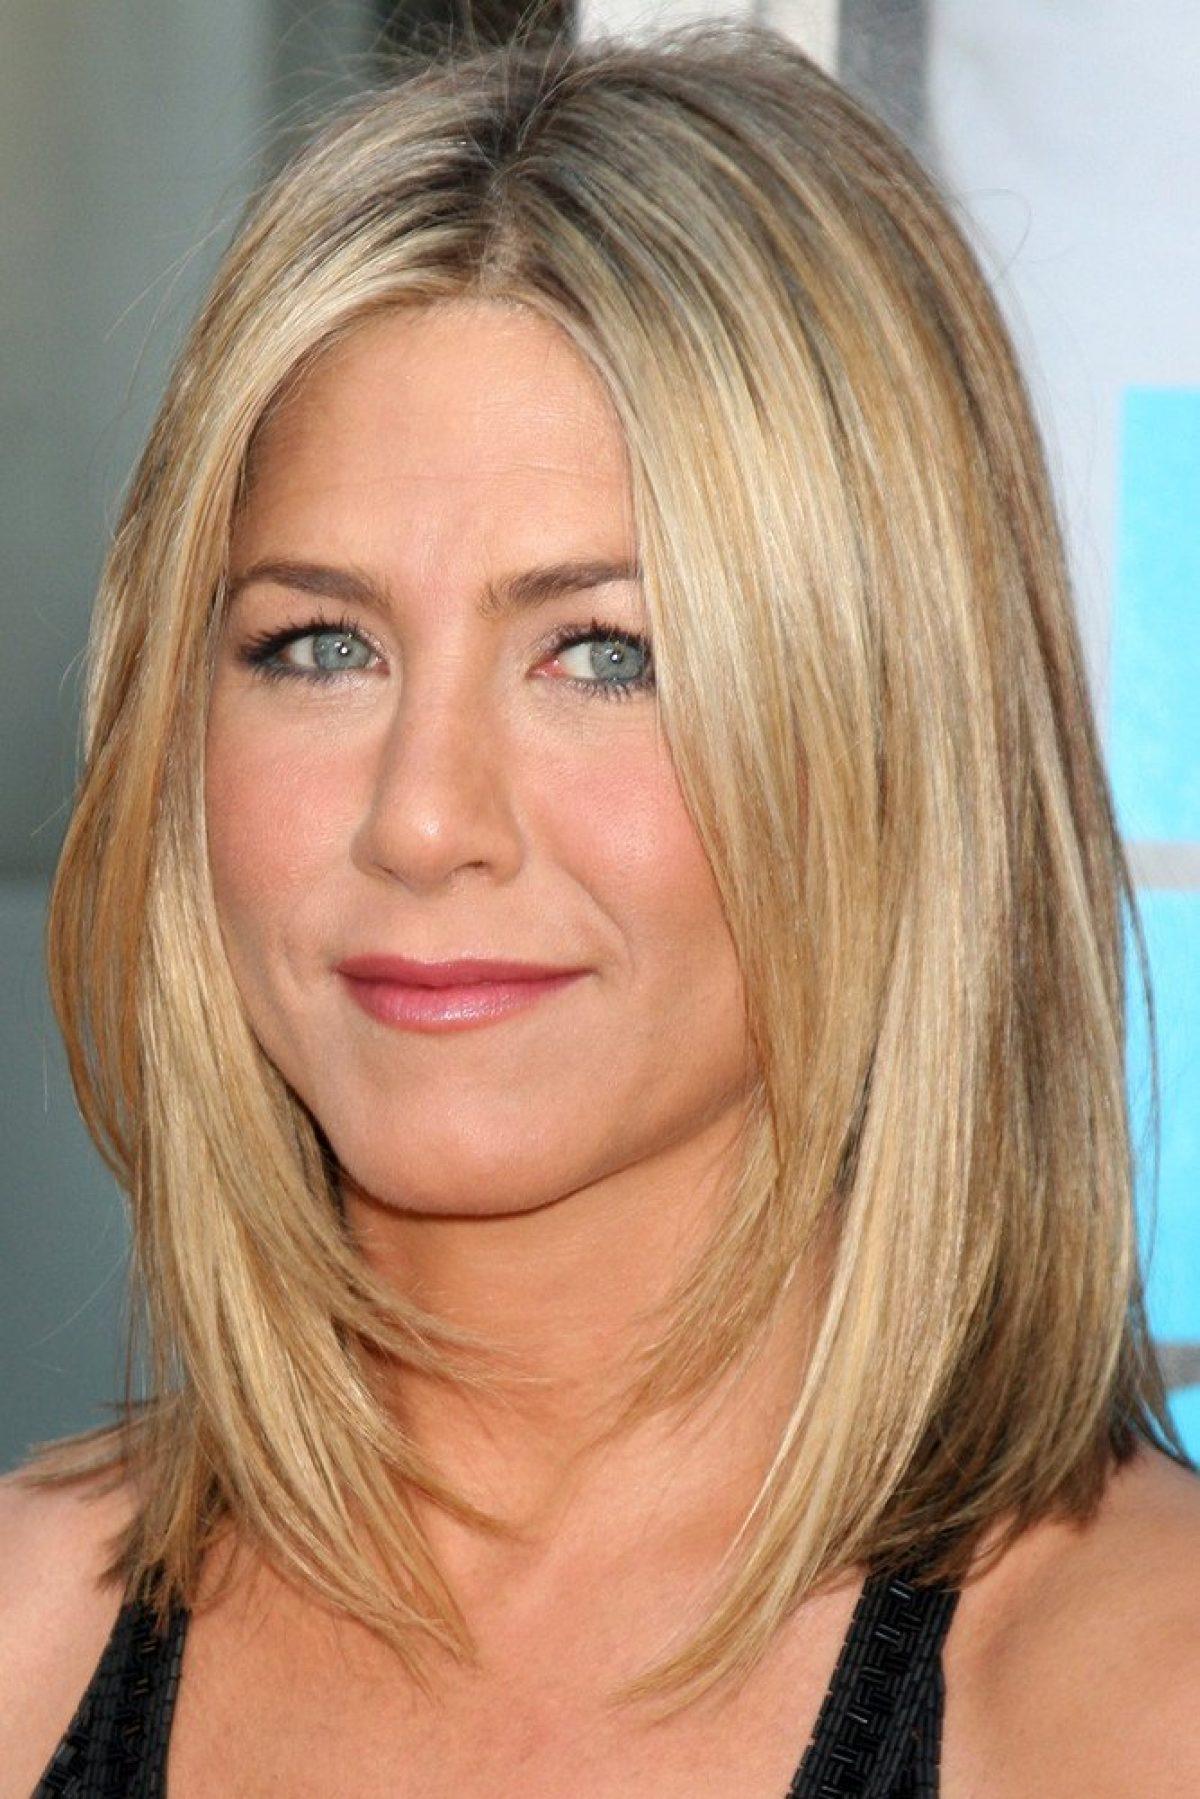 Jennifer Aniston Frisuren - Die 11 Schönsten Frisuren zum